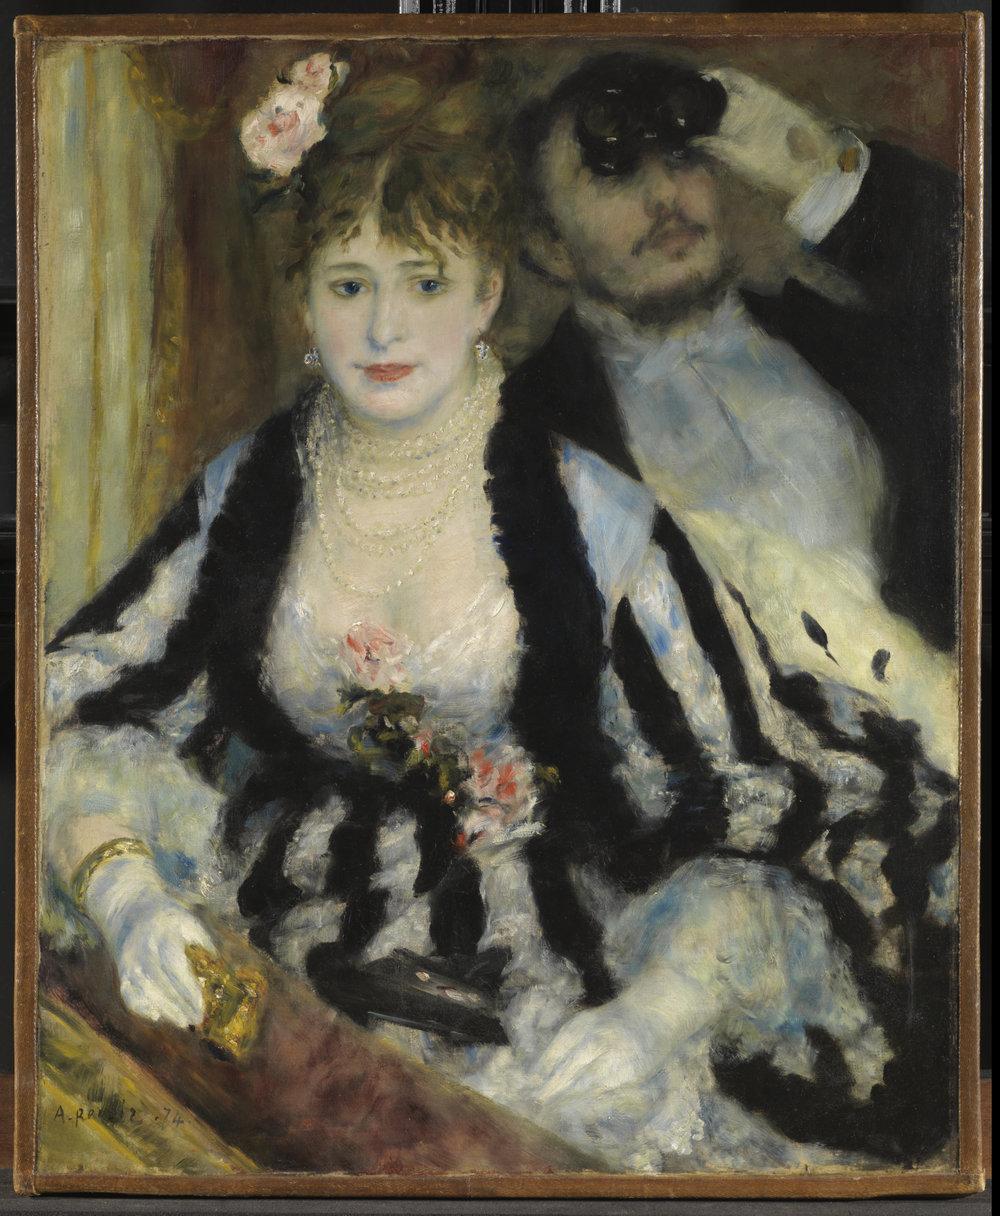 Pierre August Renoir,  La Loge  (Theatre box), 1874